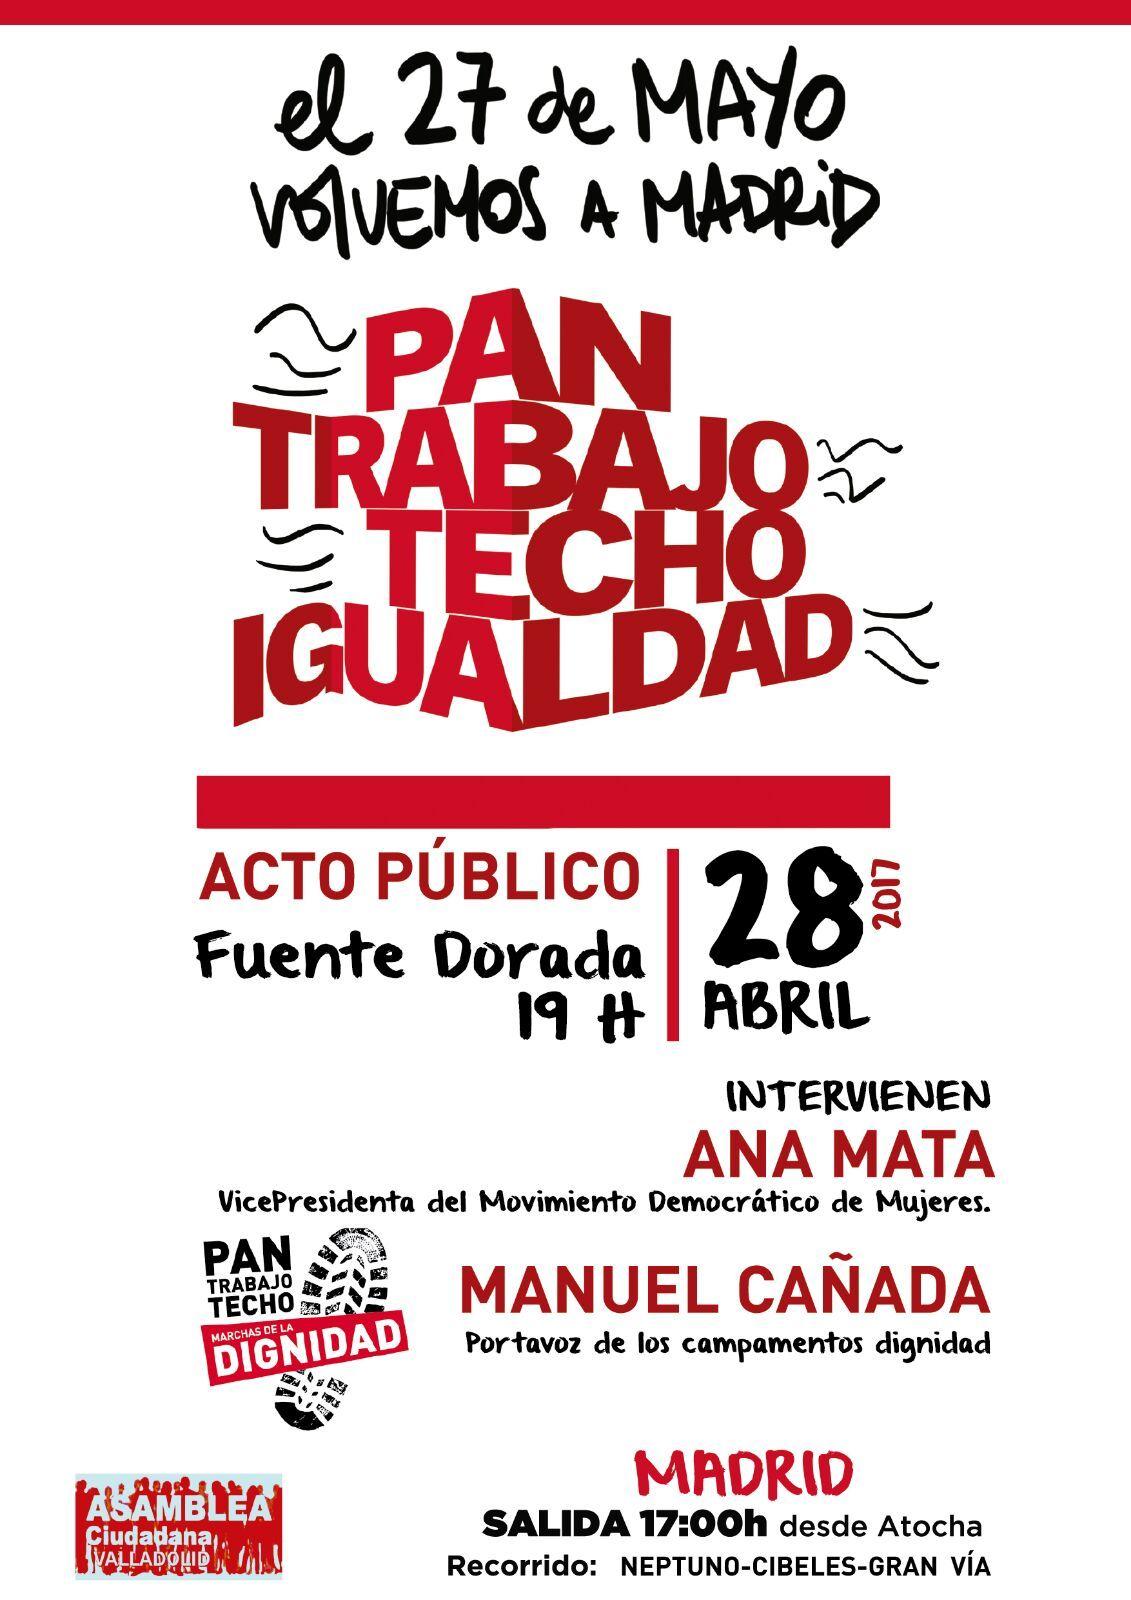 Acto_Publico_Valladolid_Marchas_Dignidad